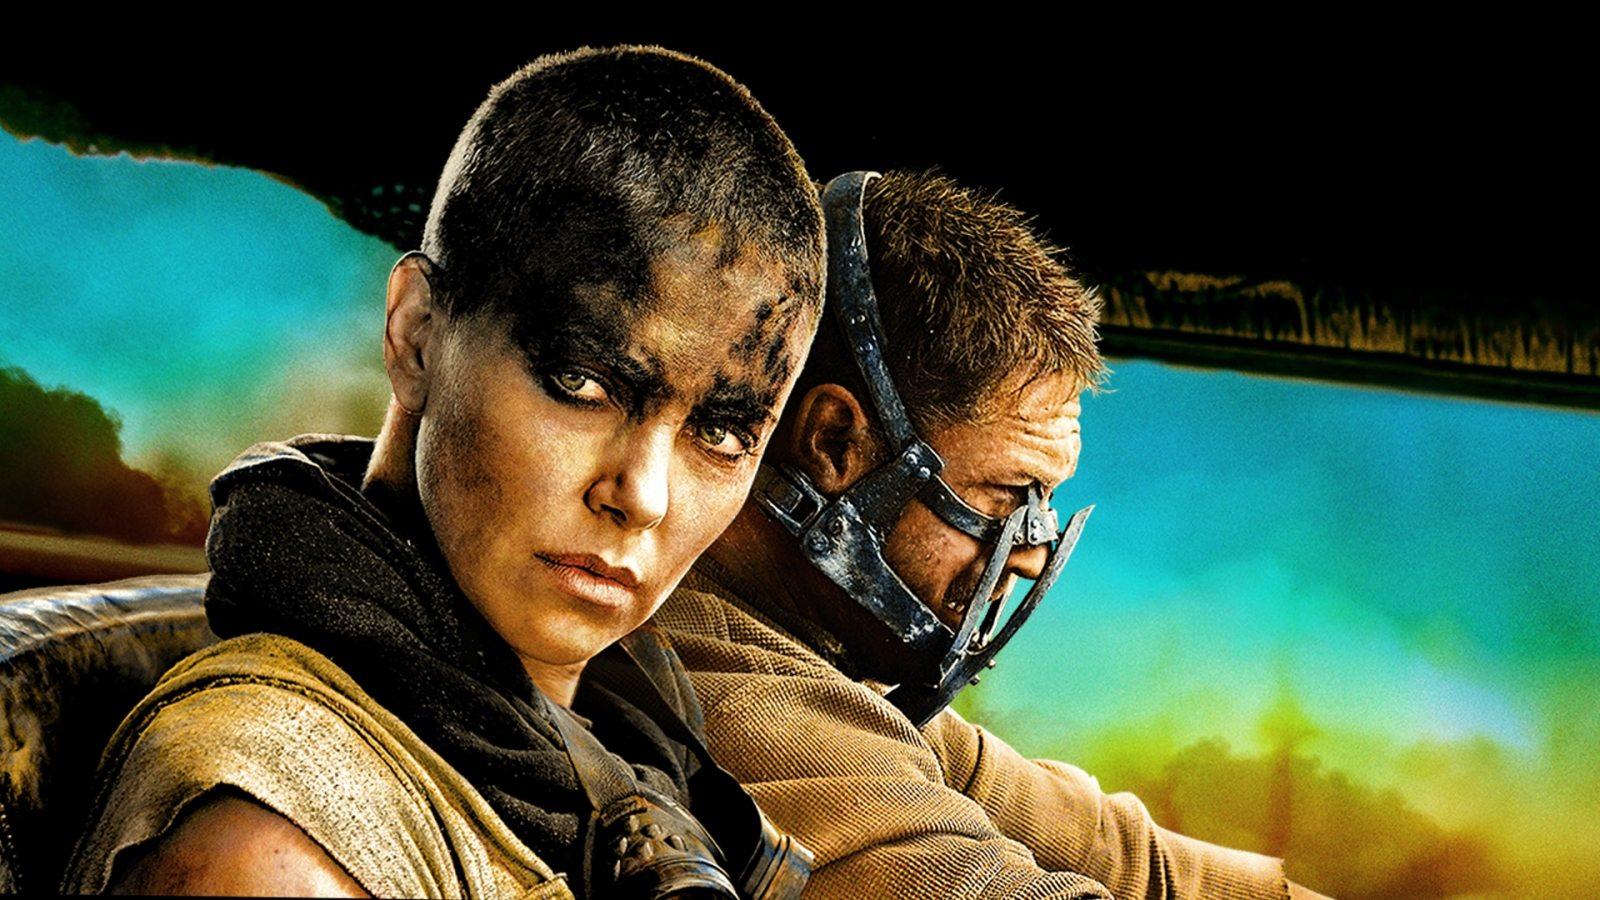 Tom Hardy y Charlize Theron se abren sobre sus conflictos en el set mientras filman Mad Max: Fury Road